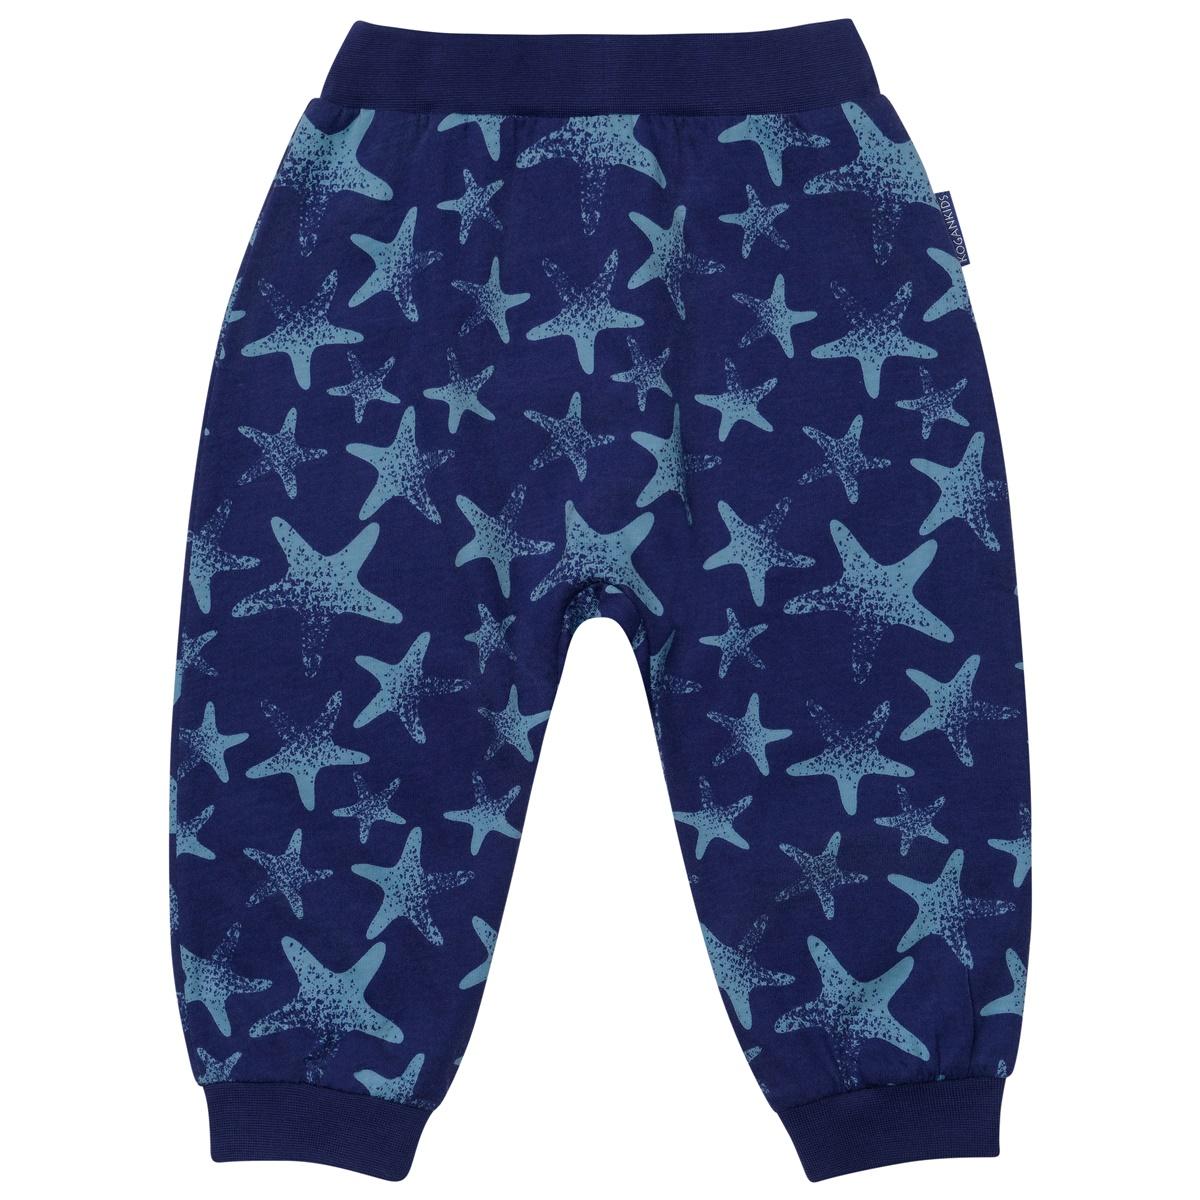 Ползунки для мальчика с морскими звездами